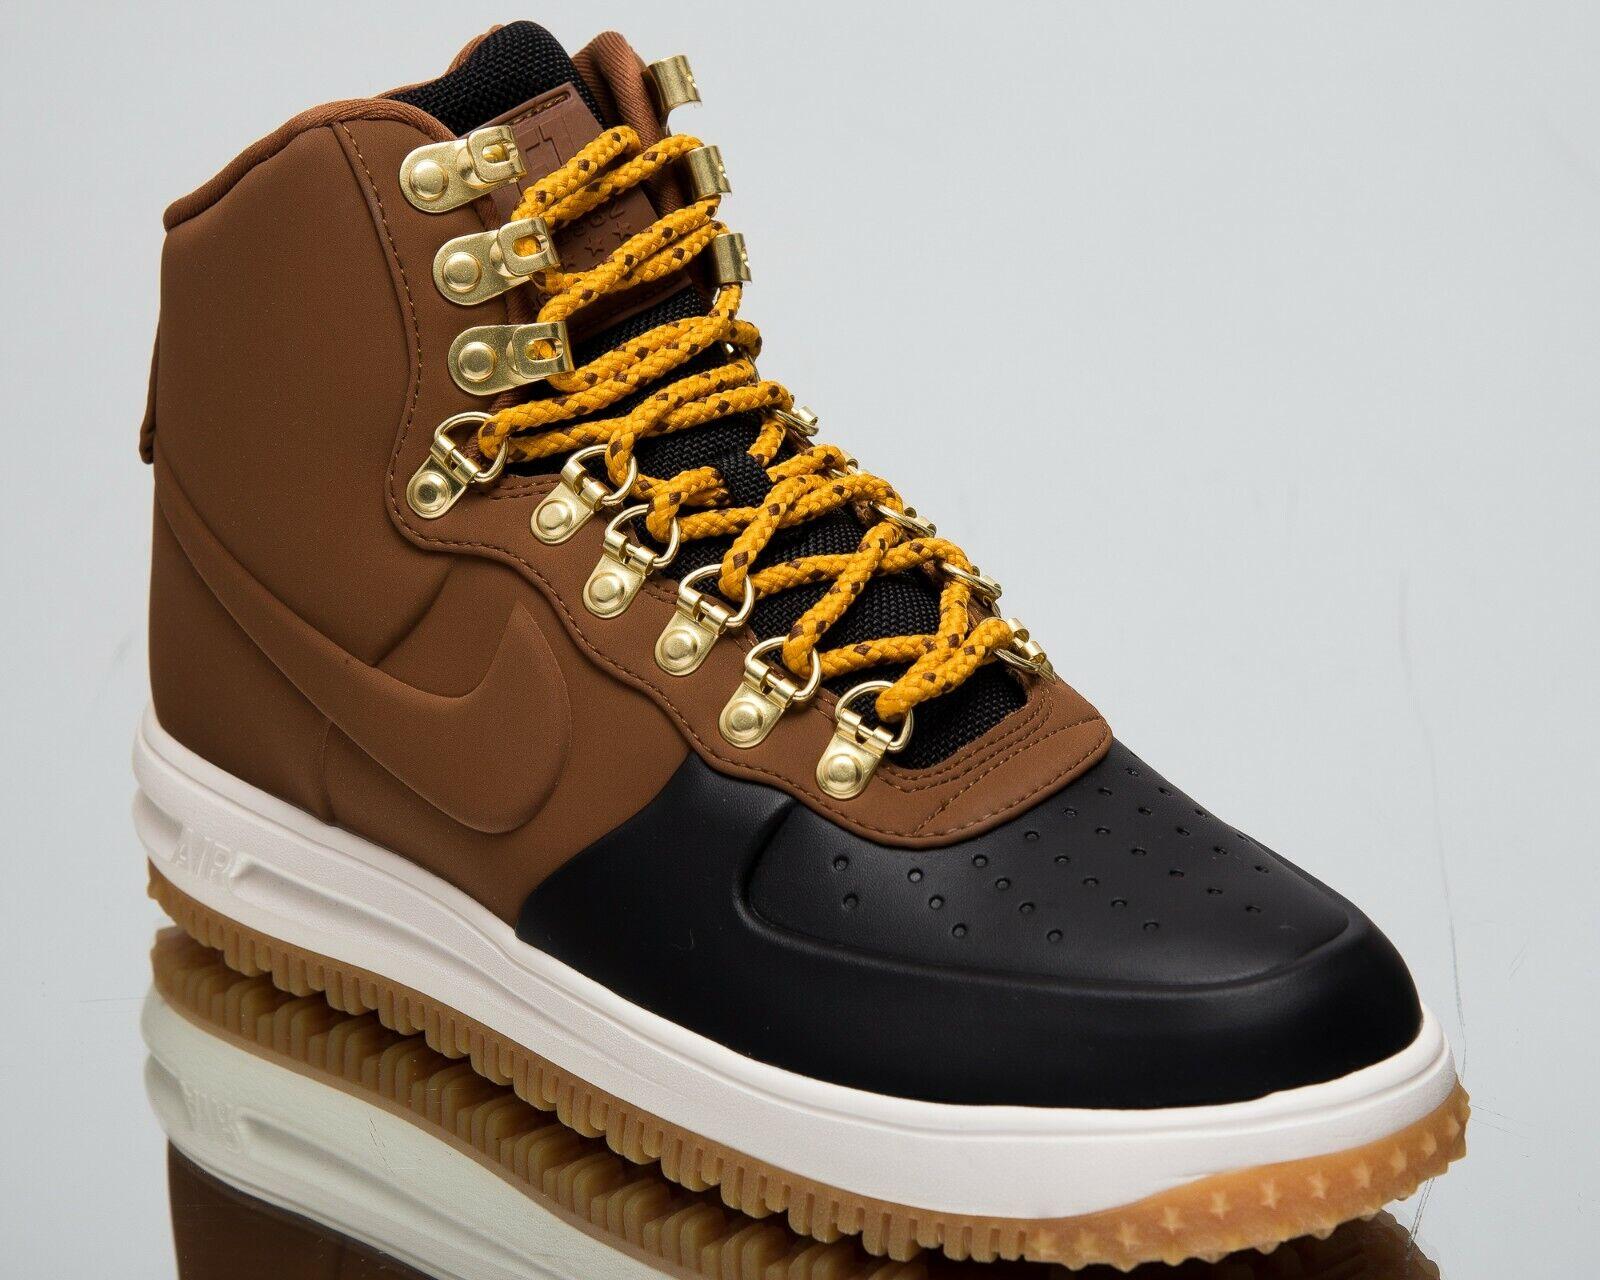 1 duckavvio forza lunare  18 nuovi uomini per il suo stile di scarpe alte bq7930 001 | Sensazione piacevole  | Uomini/Donne Scarpa